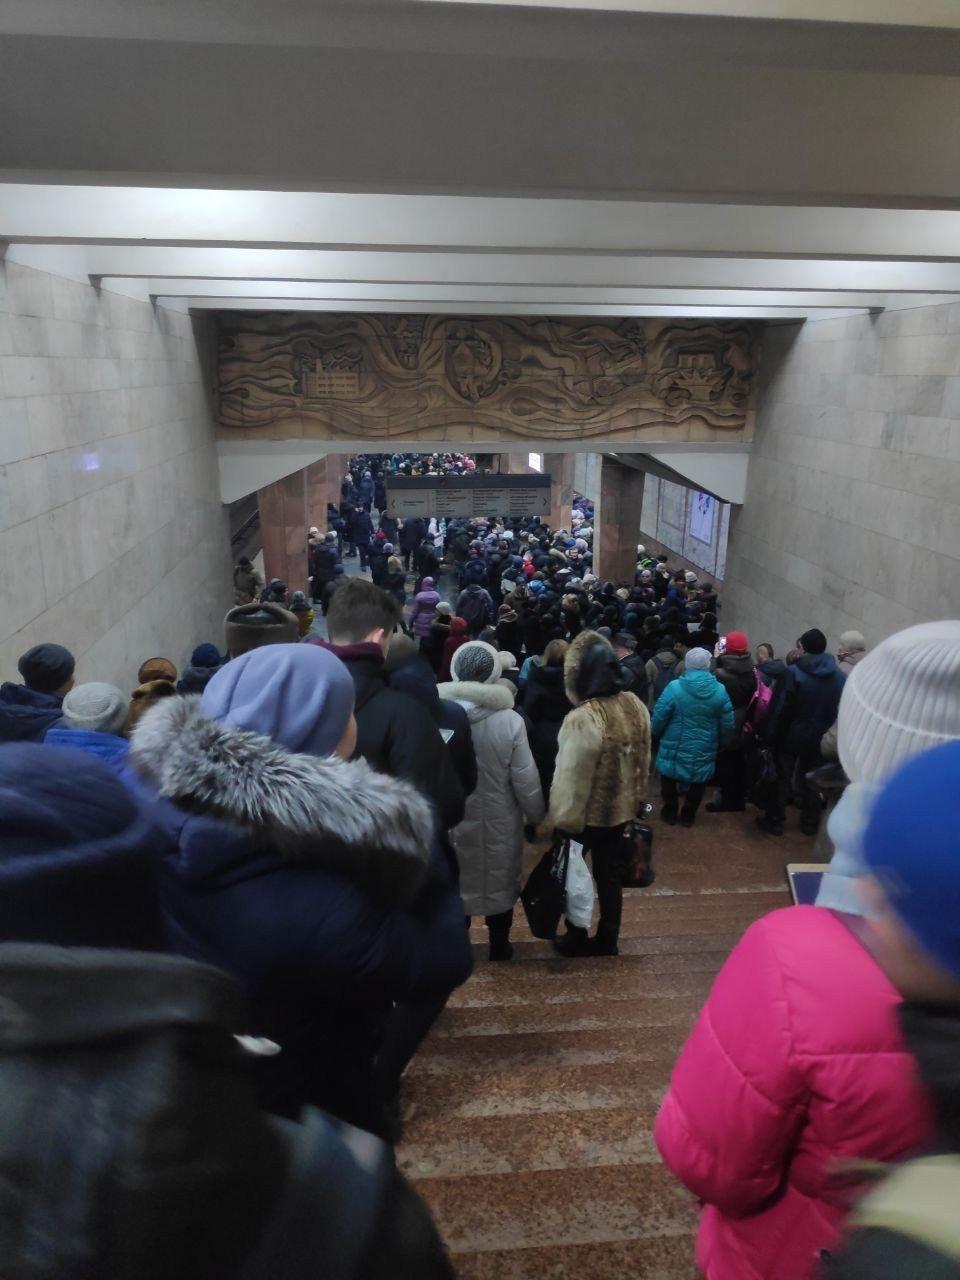 В харьковском метро образовалась пробка из пассажиров, - ФОТО